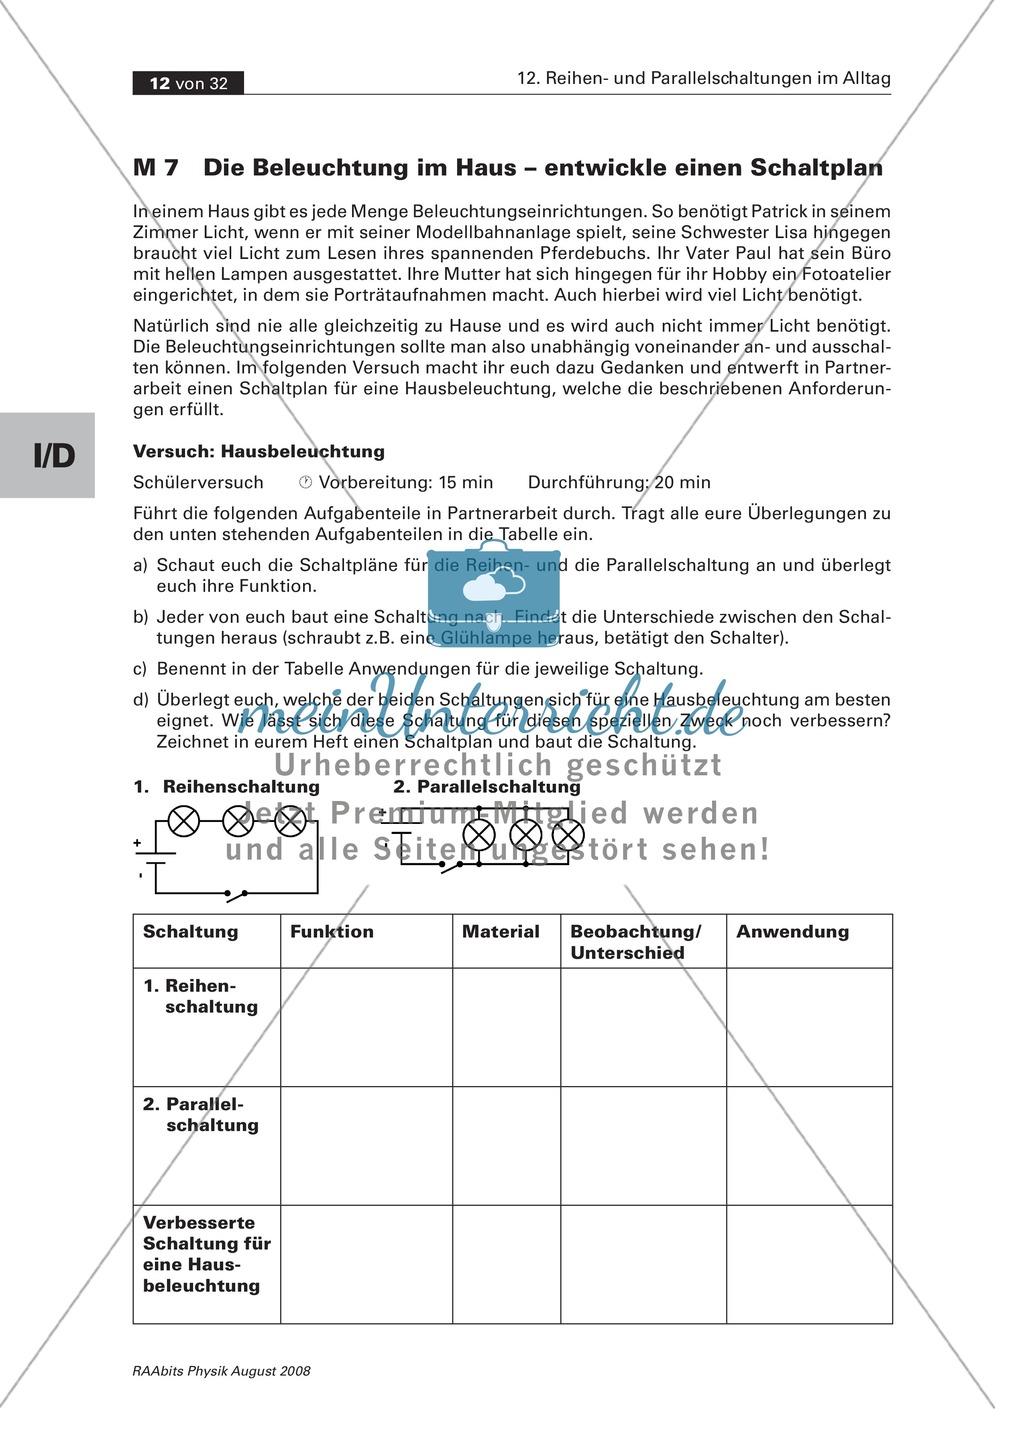 Ausgezeichnet Schaltplan Der Hausbeleuchtung Zeitgenössisch - Der ...